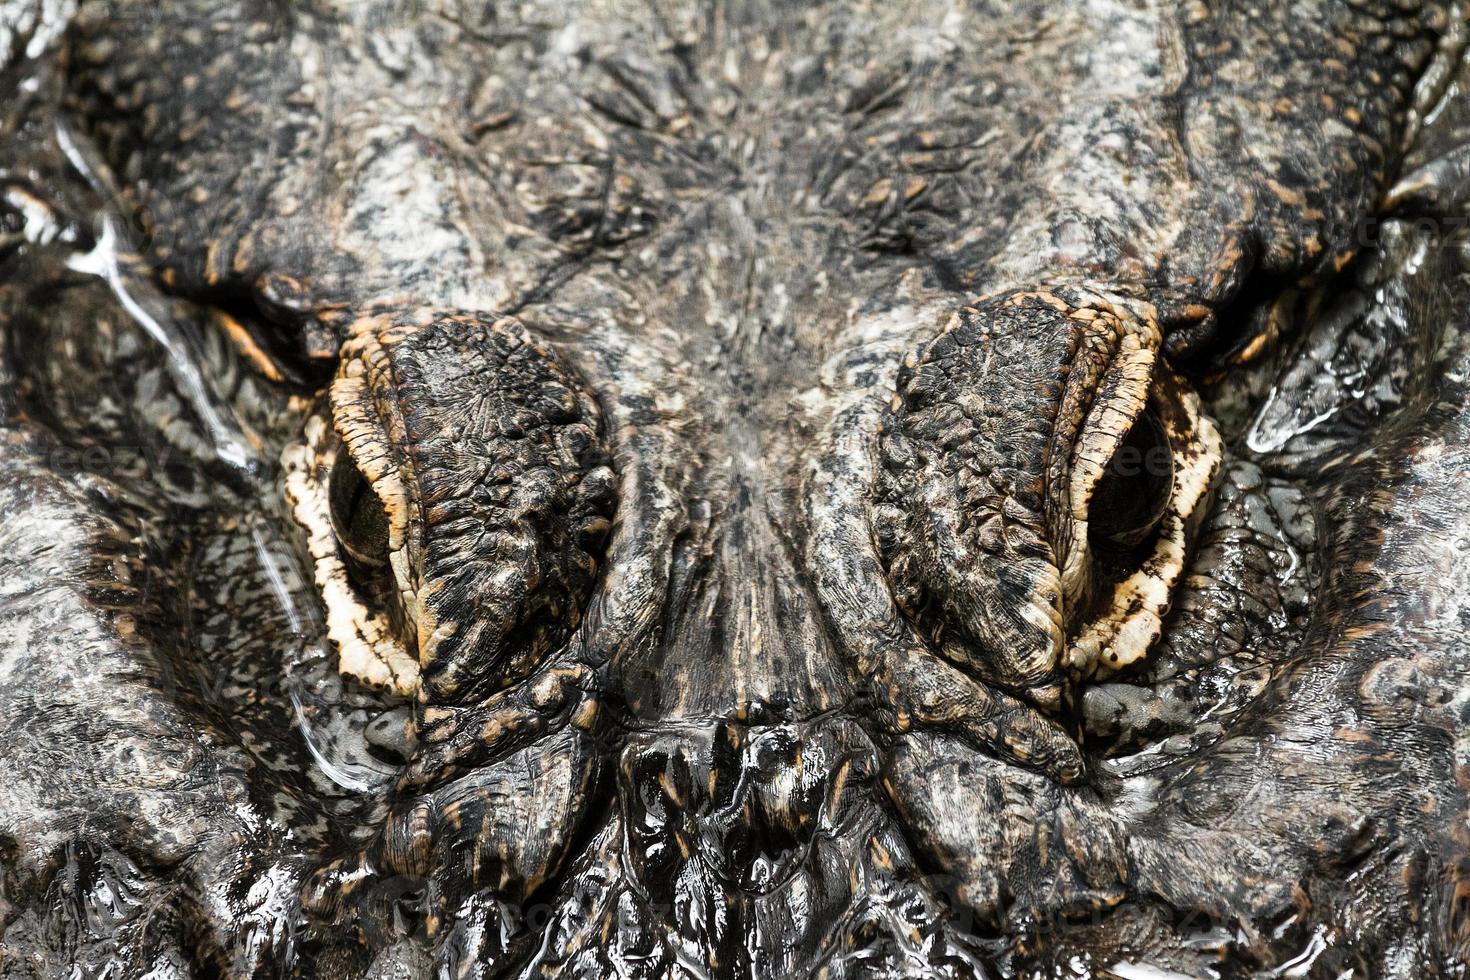 alligator ogen foto